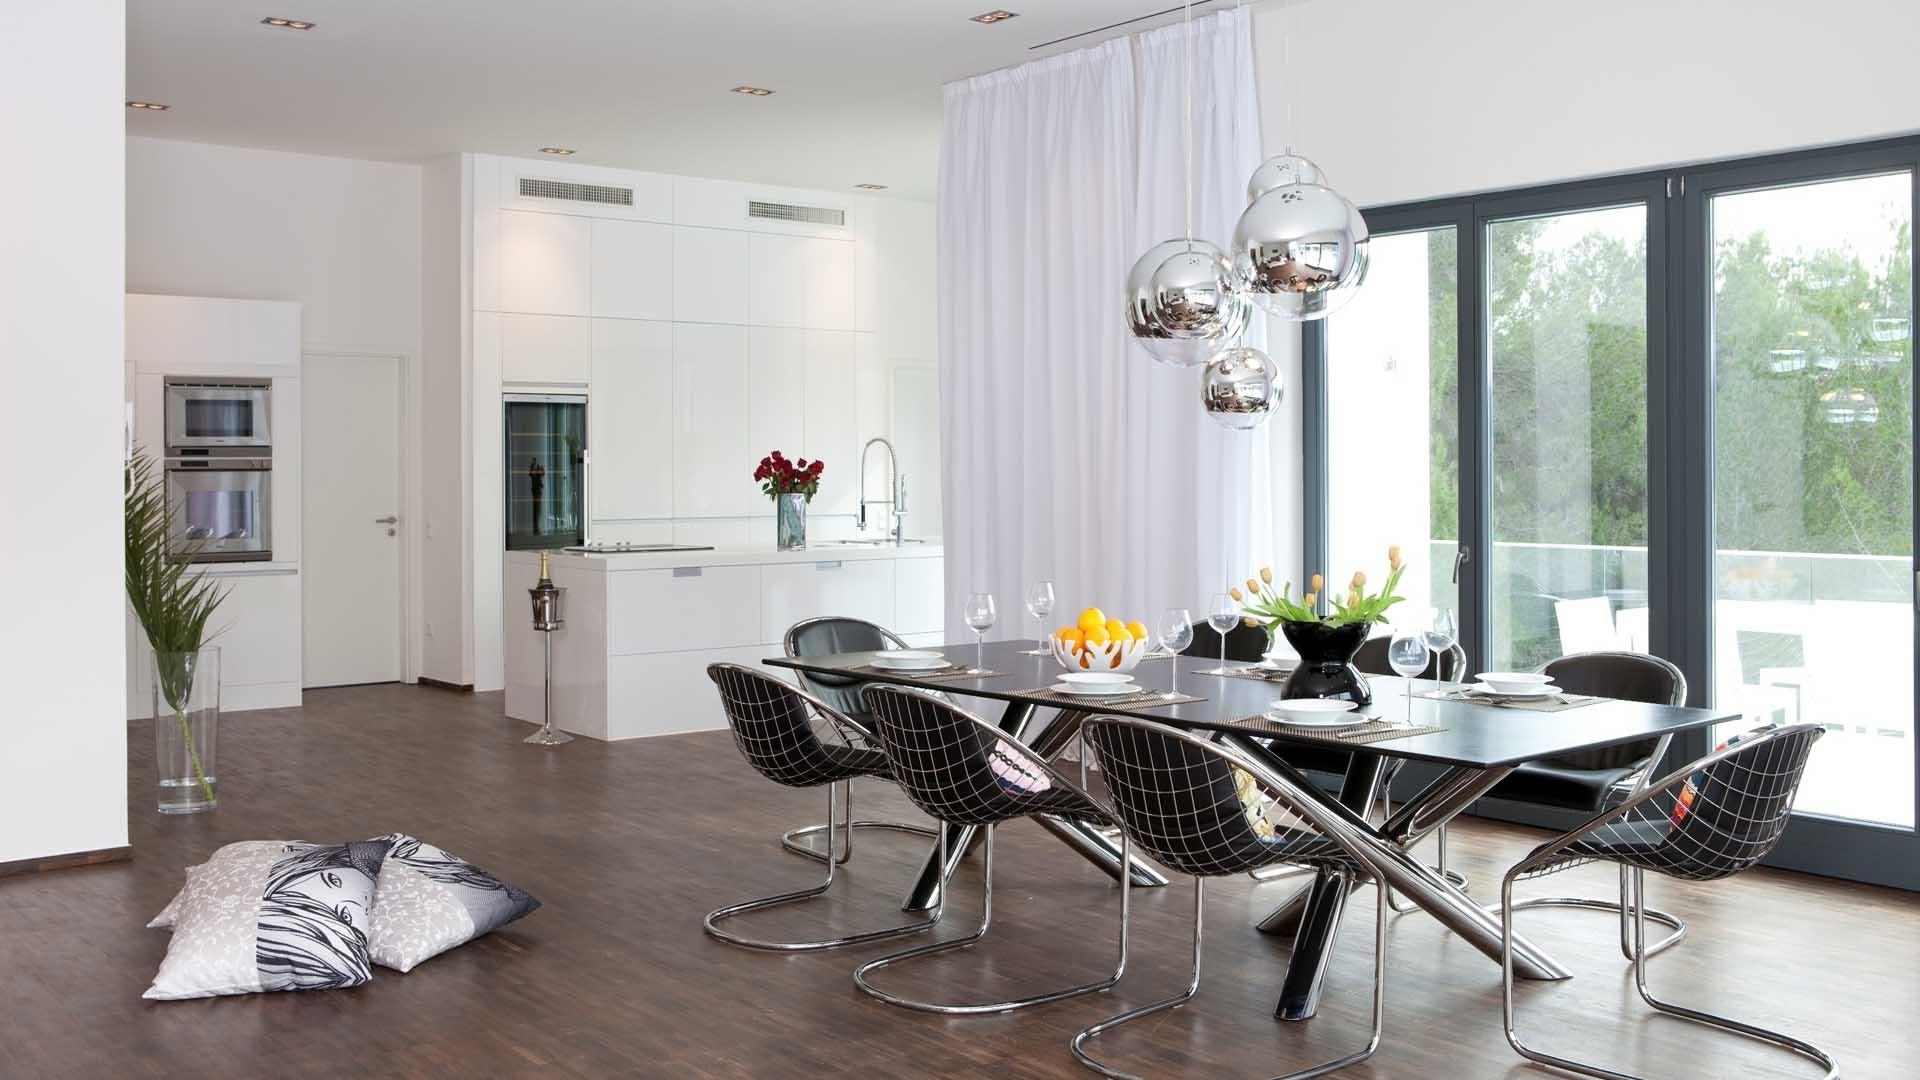 Eetkamer Tafel LED Verlichting En Energie Zuinige